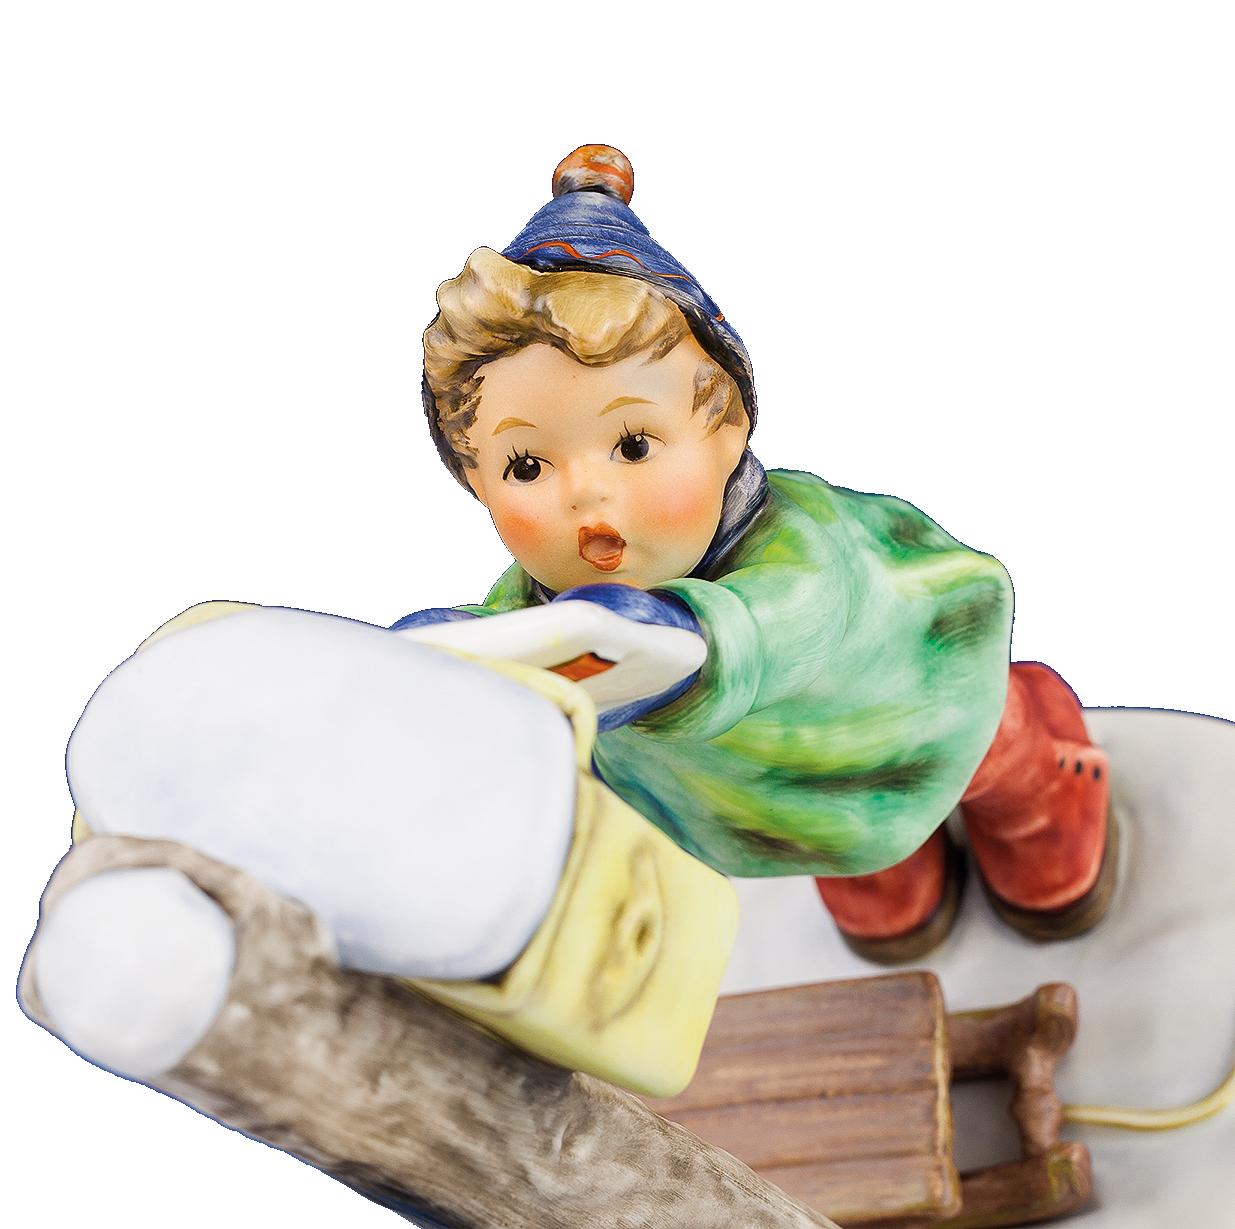 Briefe Ans Christkind Kinder : Brief ans christkind mi hummel figuren onlineshop